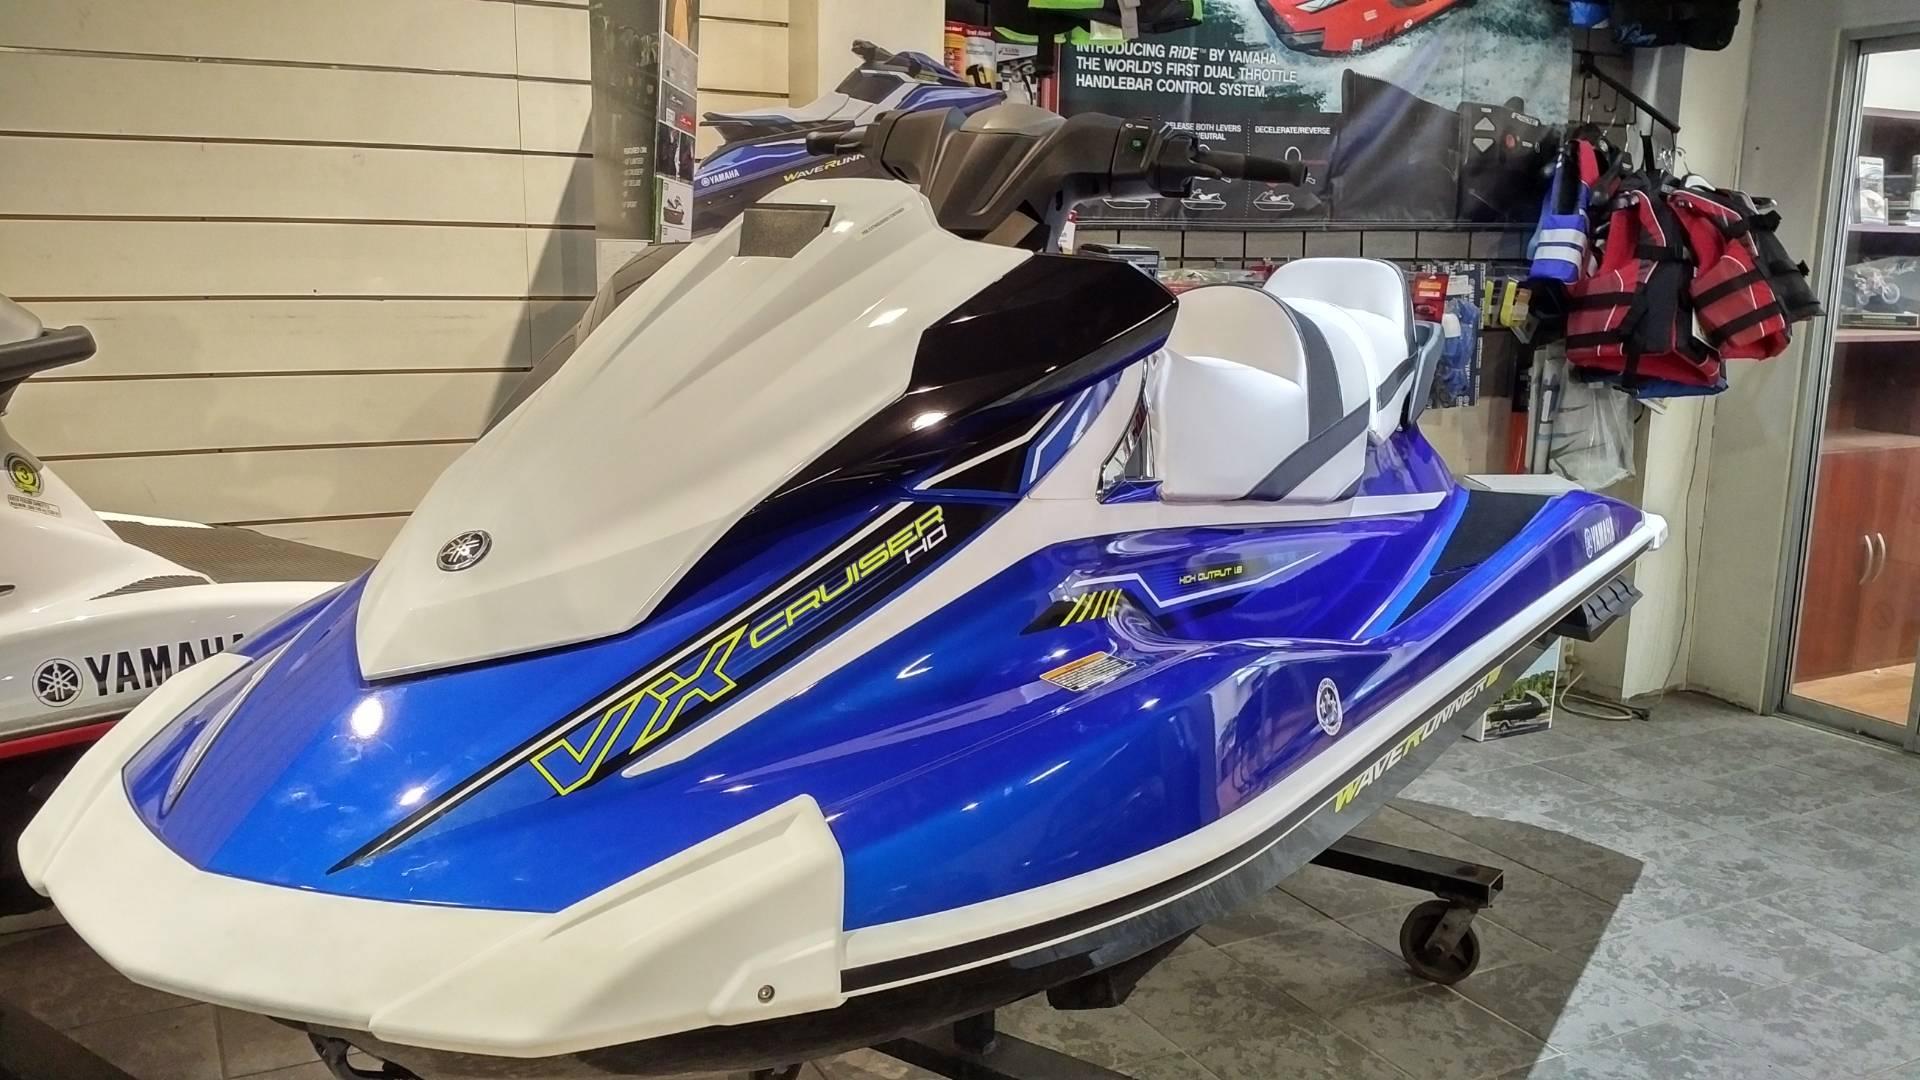 2018 Yamaha VX Cruiser HO for sale 106209